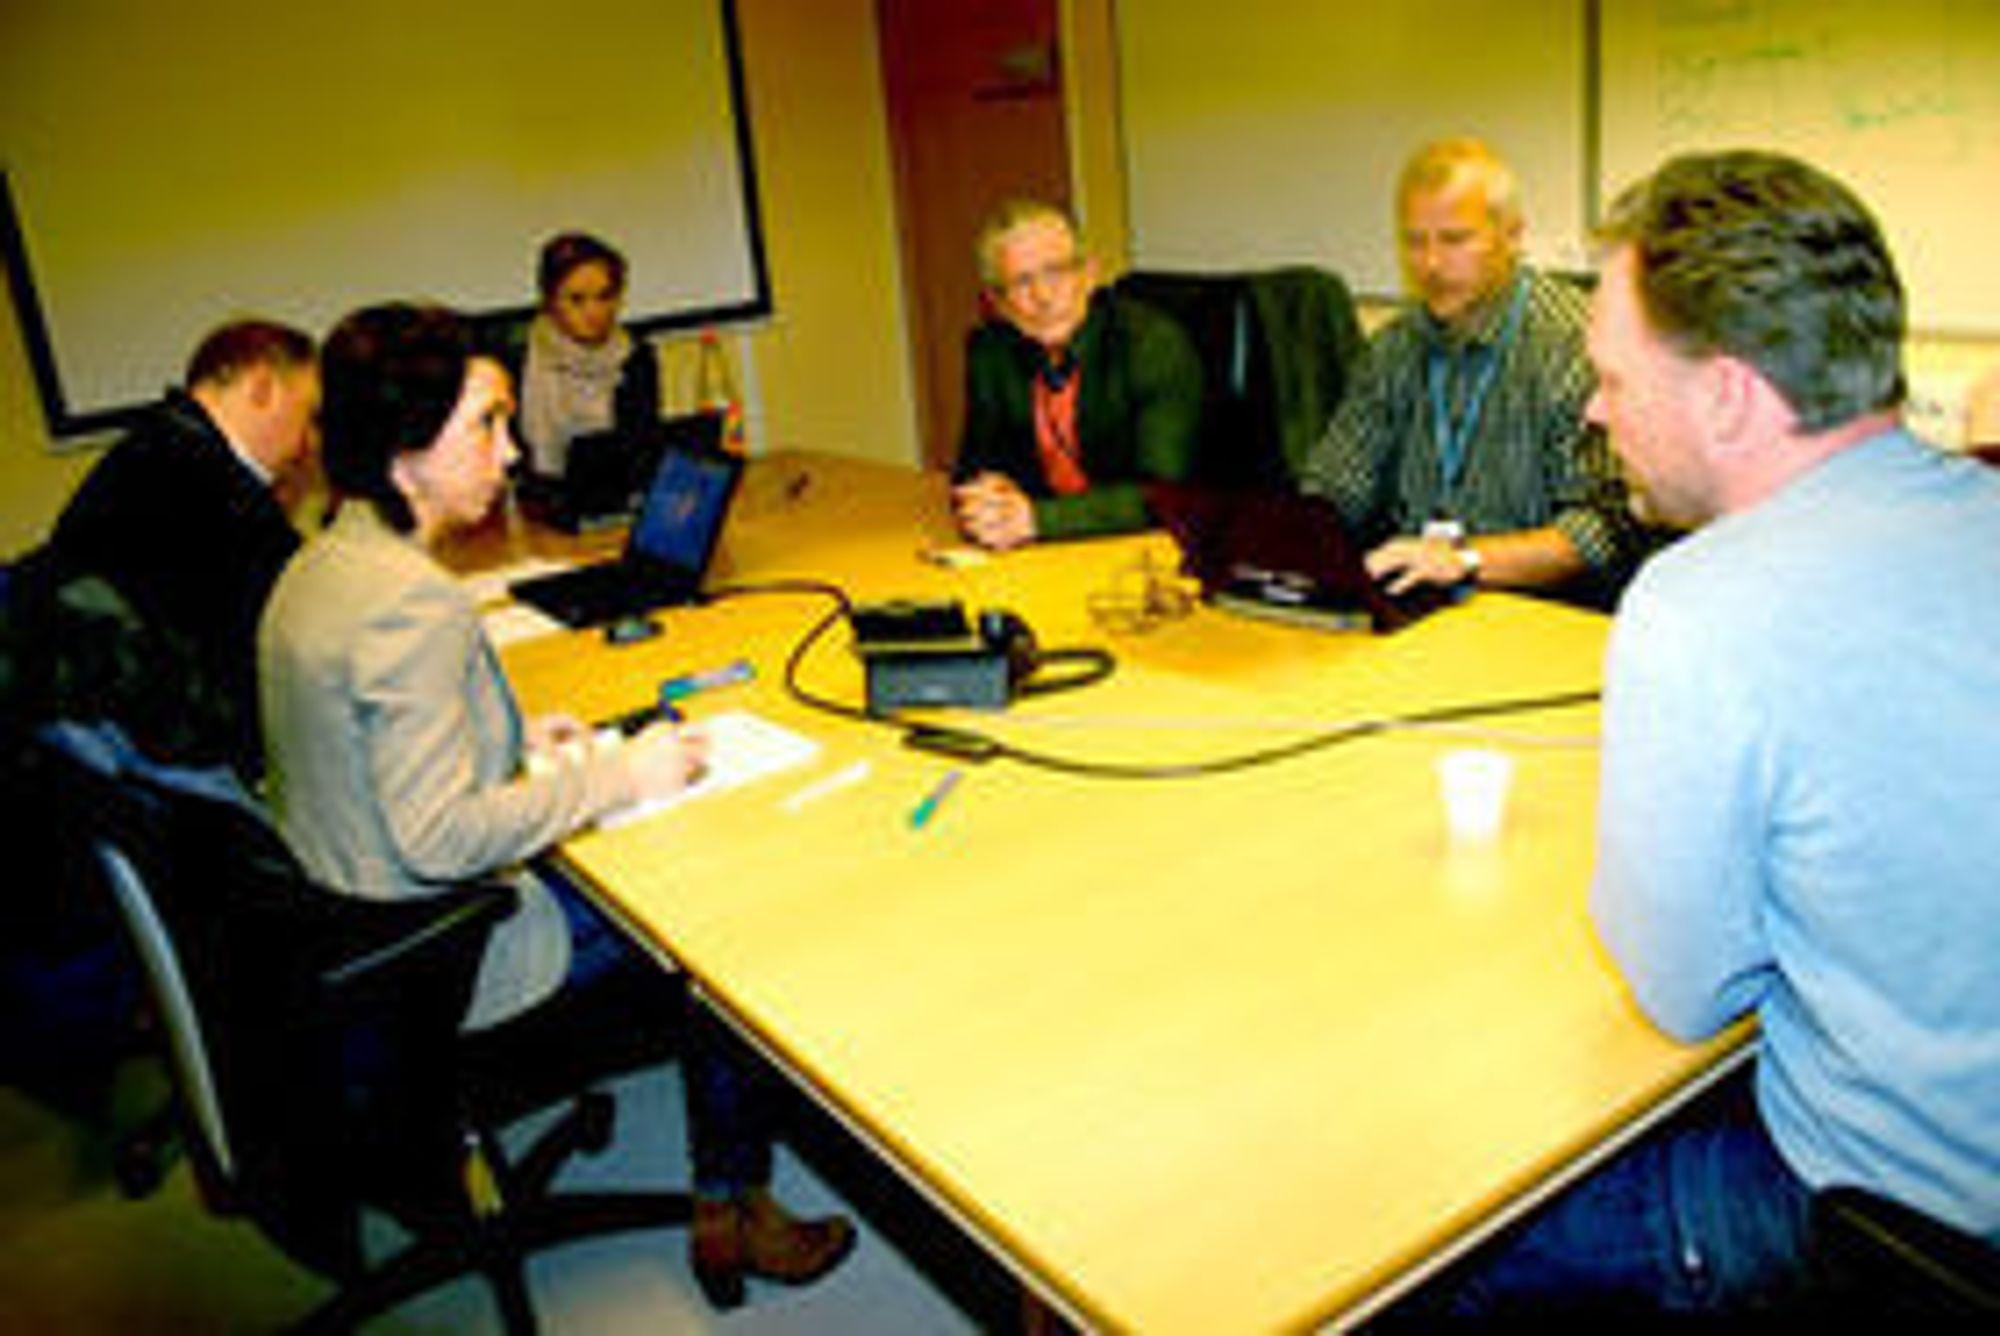 Det ble full krise i fjor vår da Altinn klappet sammen for andre år på rad. Bildet er fra krisemøte i Brønnøysundregistrene som drifter den sentrale tjenesten. Om dette skjer en gang til vil det kunne skade digitaliserings-strategien til offentlig sektor.